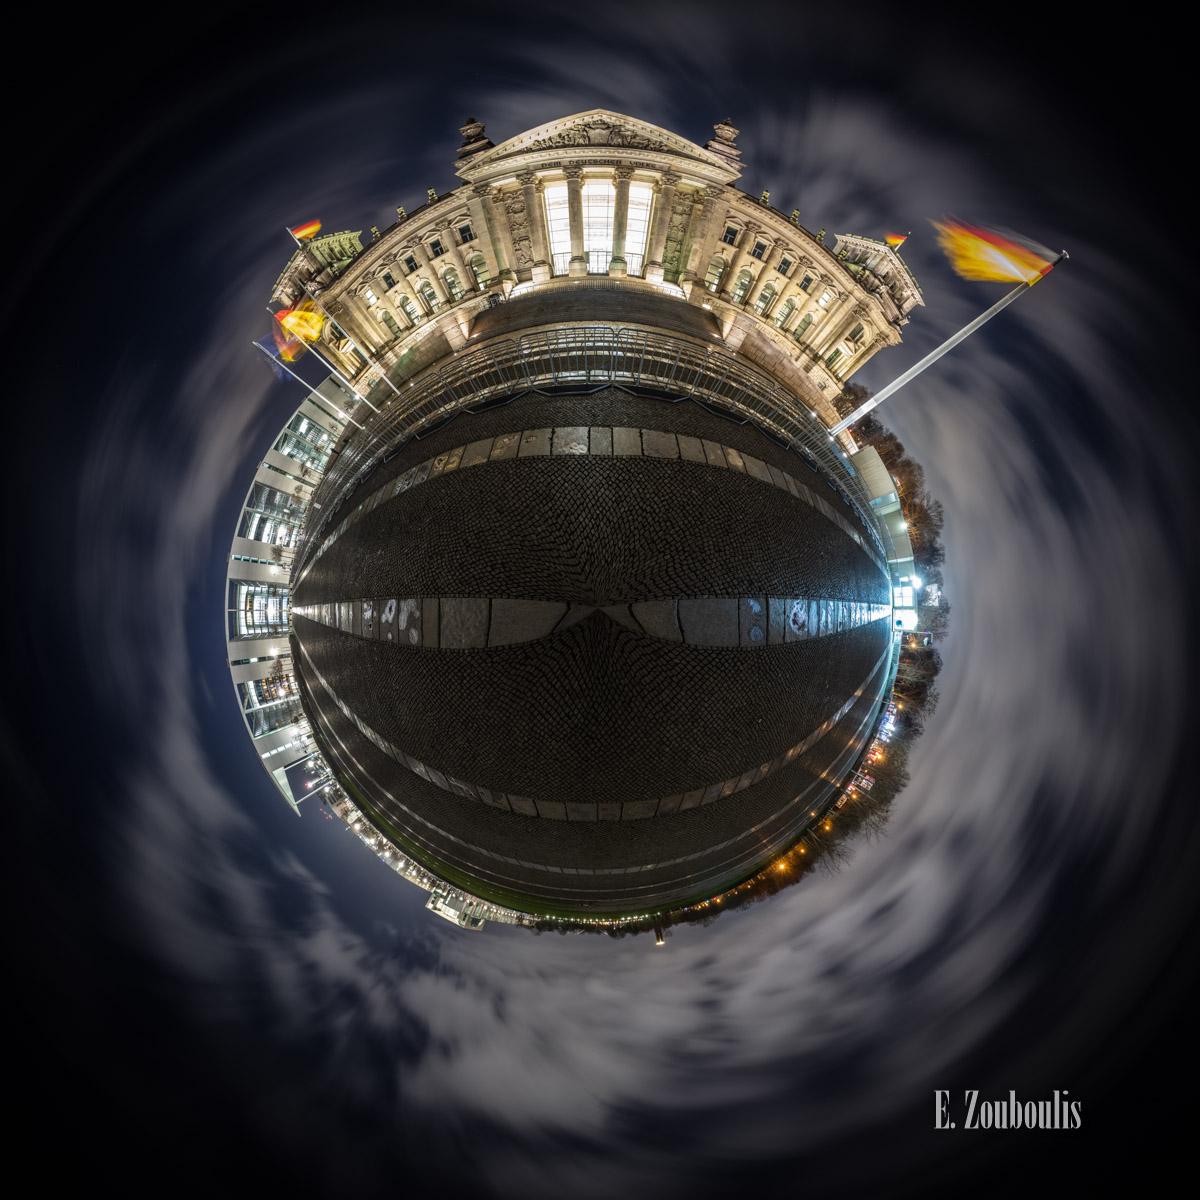 Planet Reichstag Berlin - Kleiner Planet vom Reichstag in Berlin bei Nacht